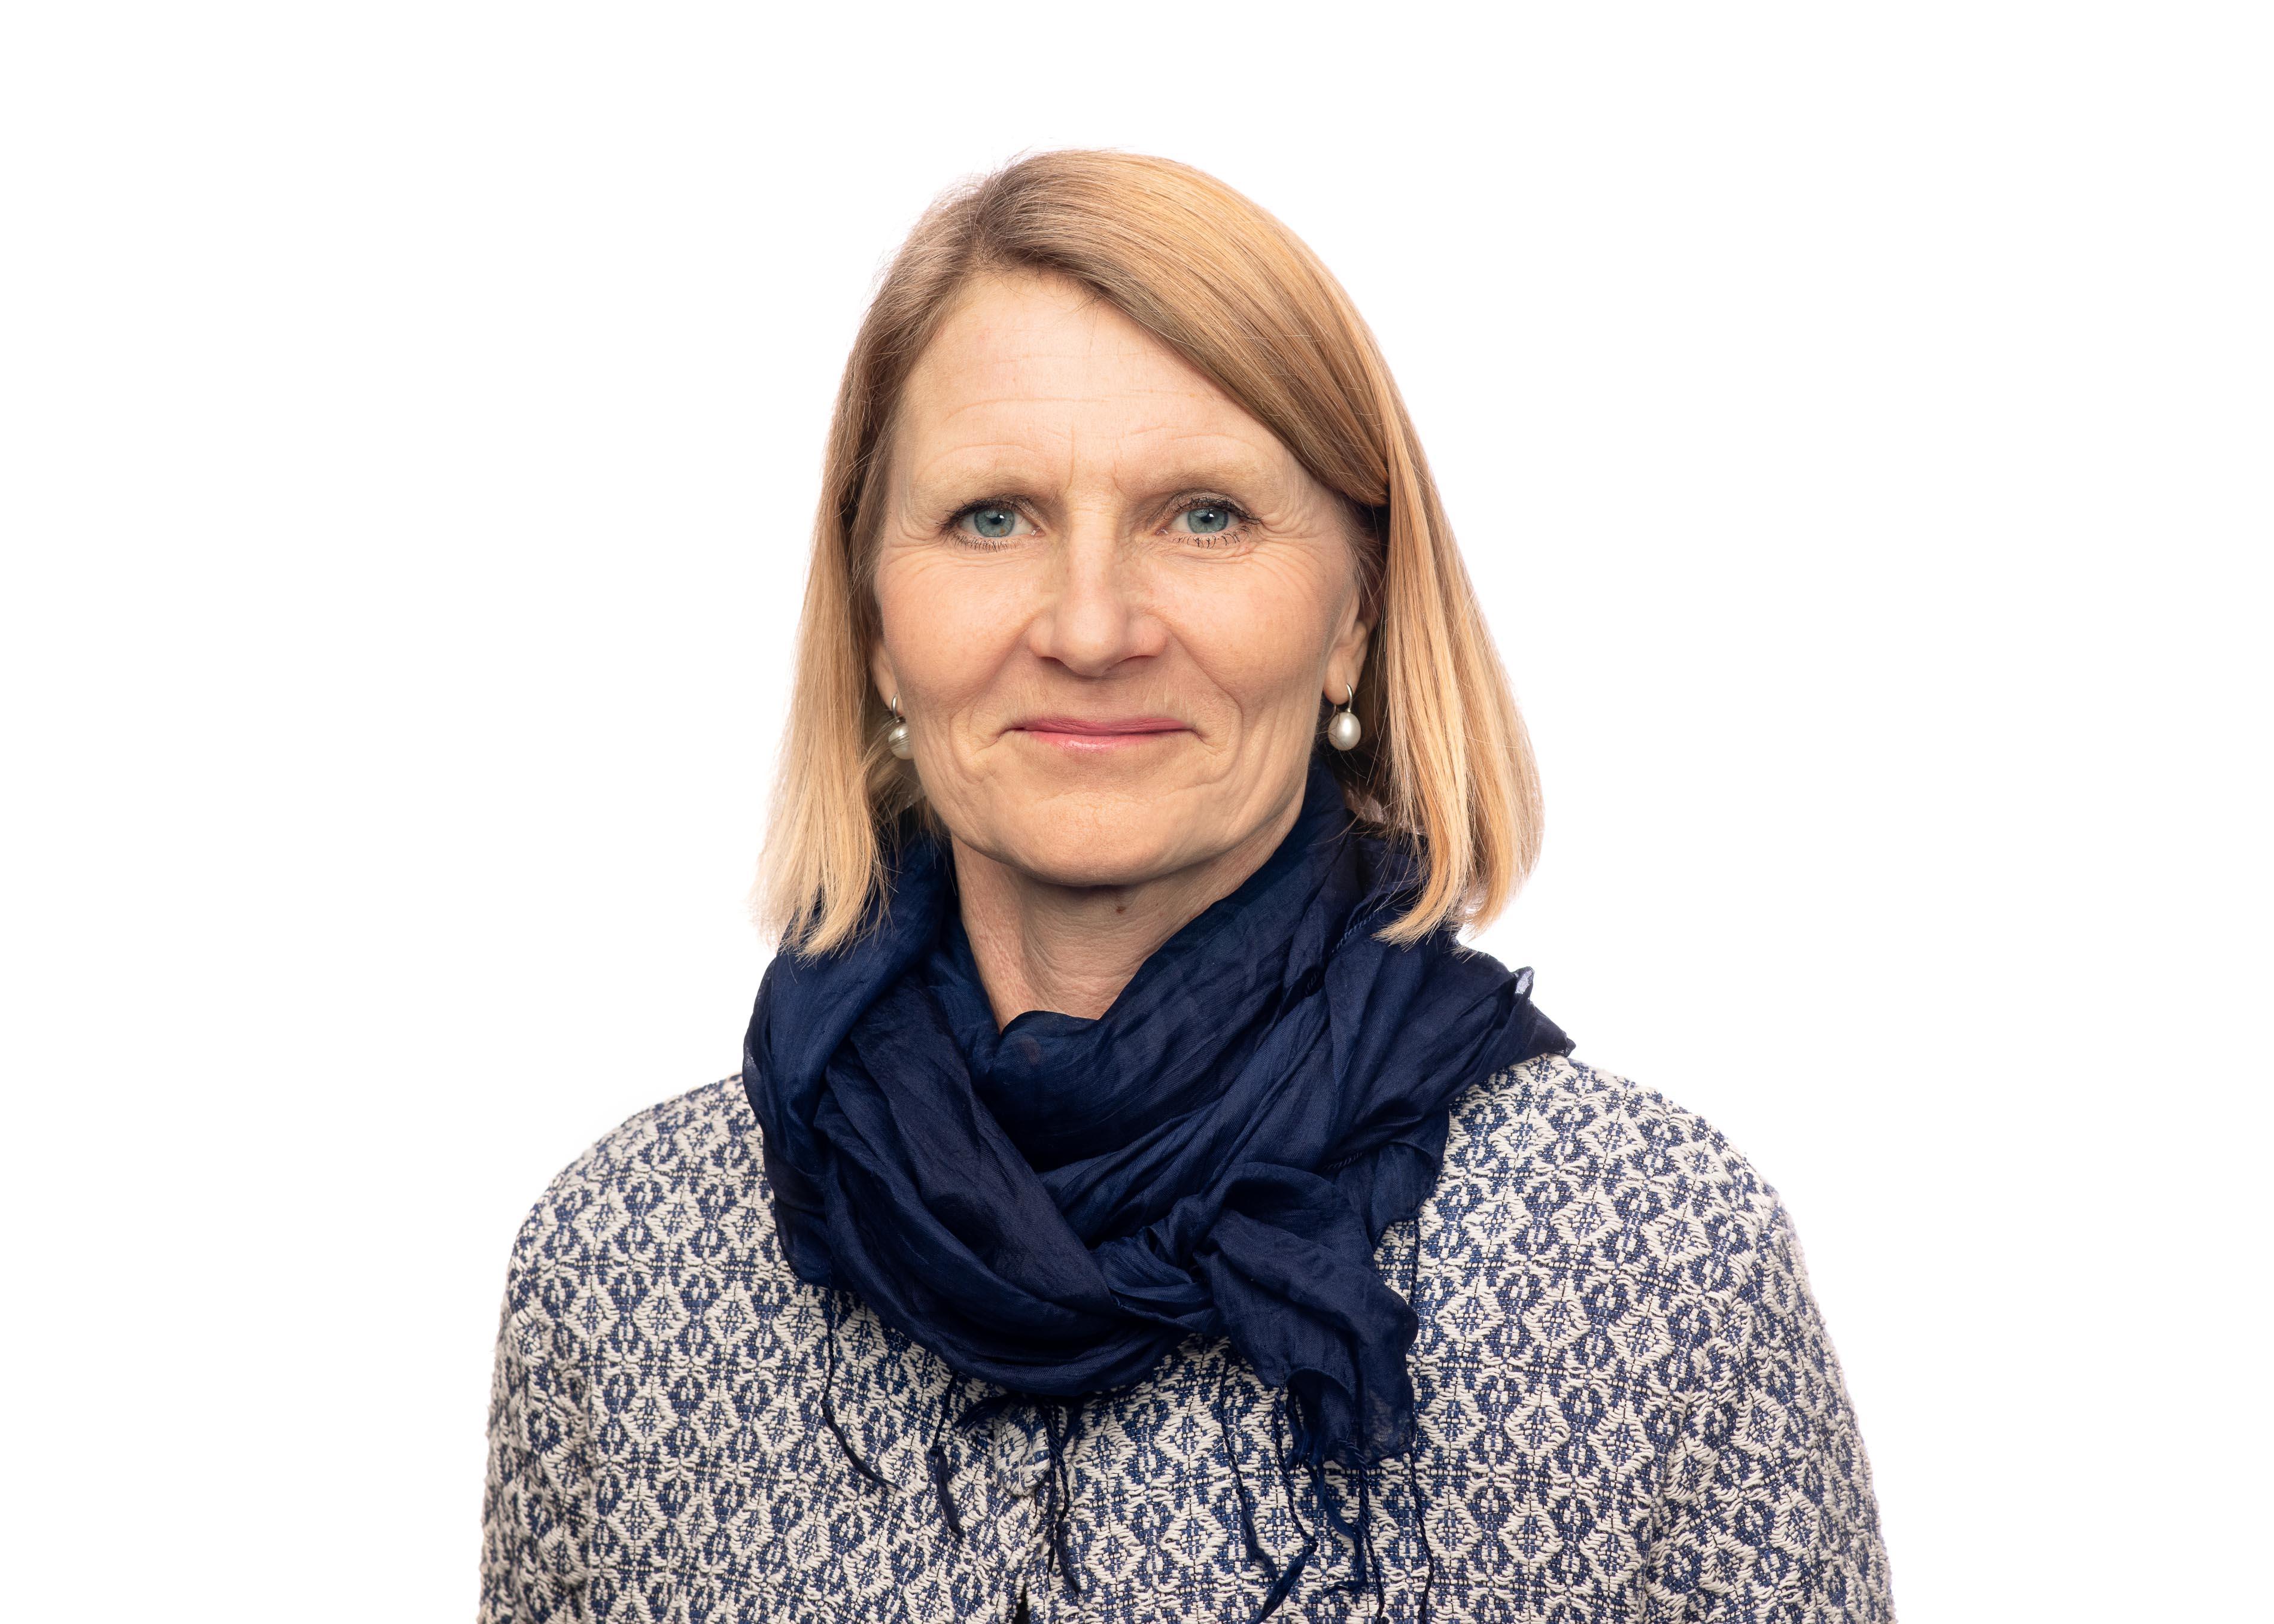 Maria Brakel